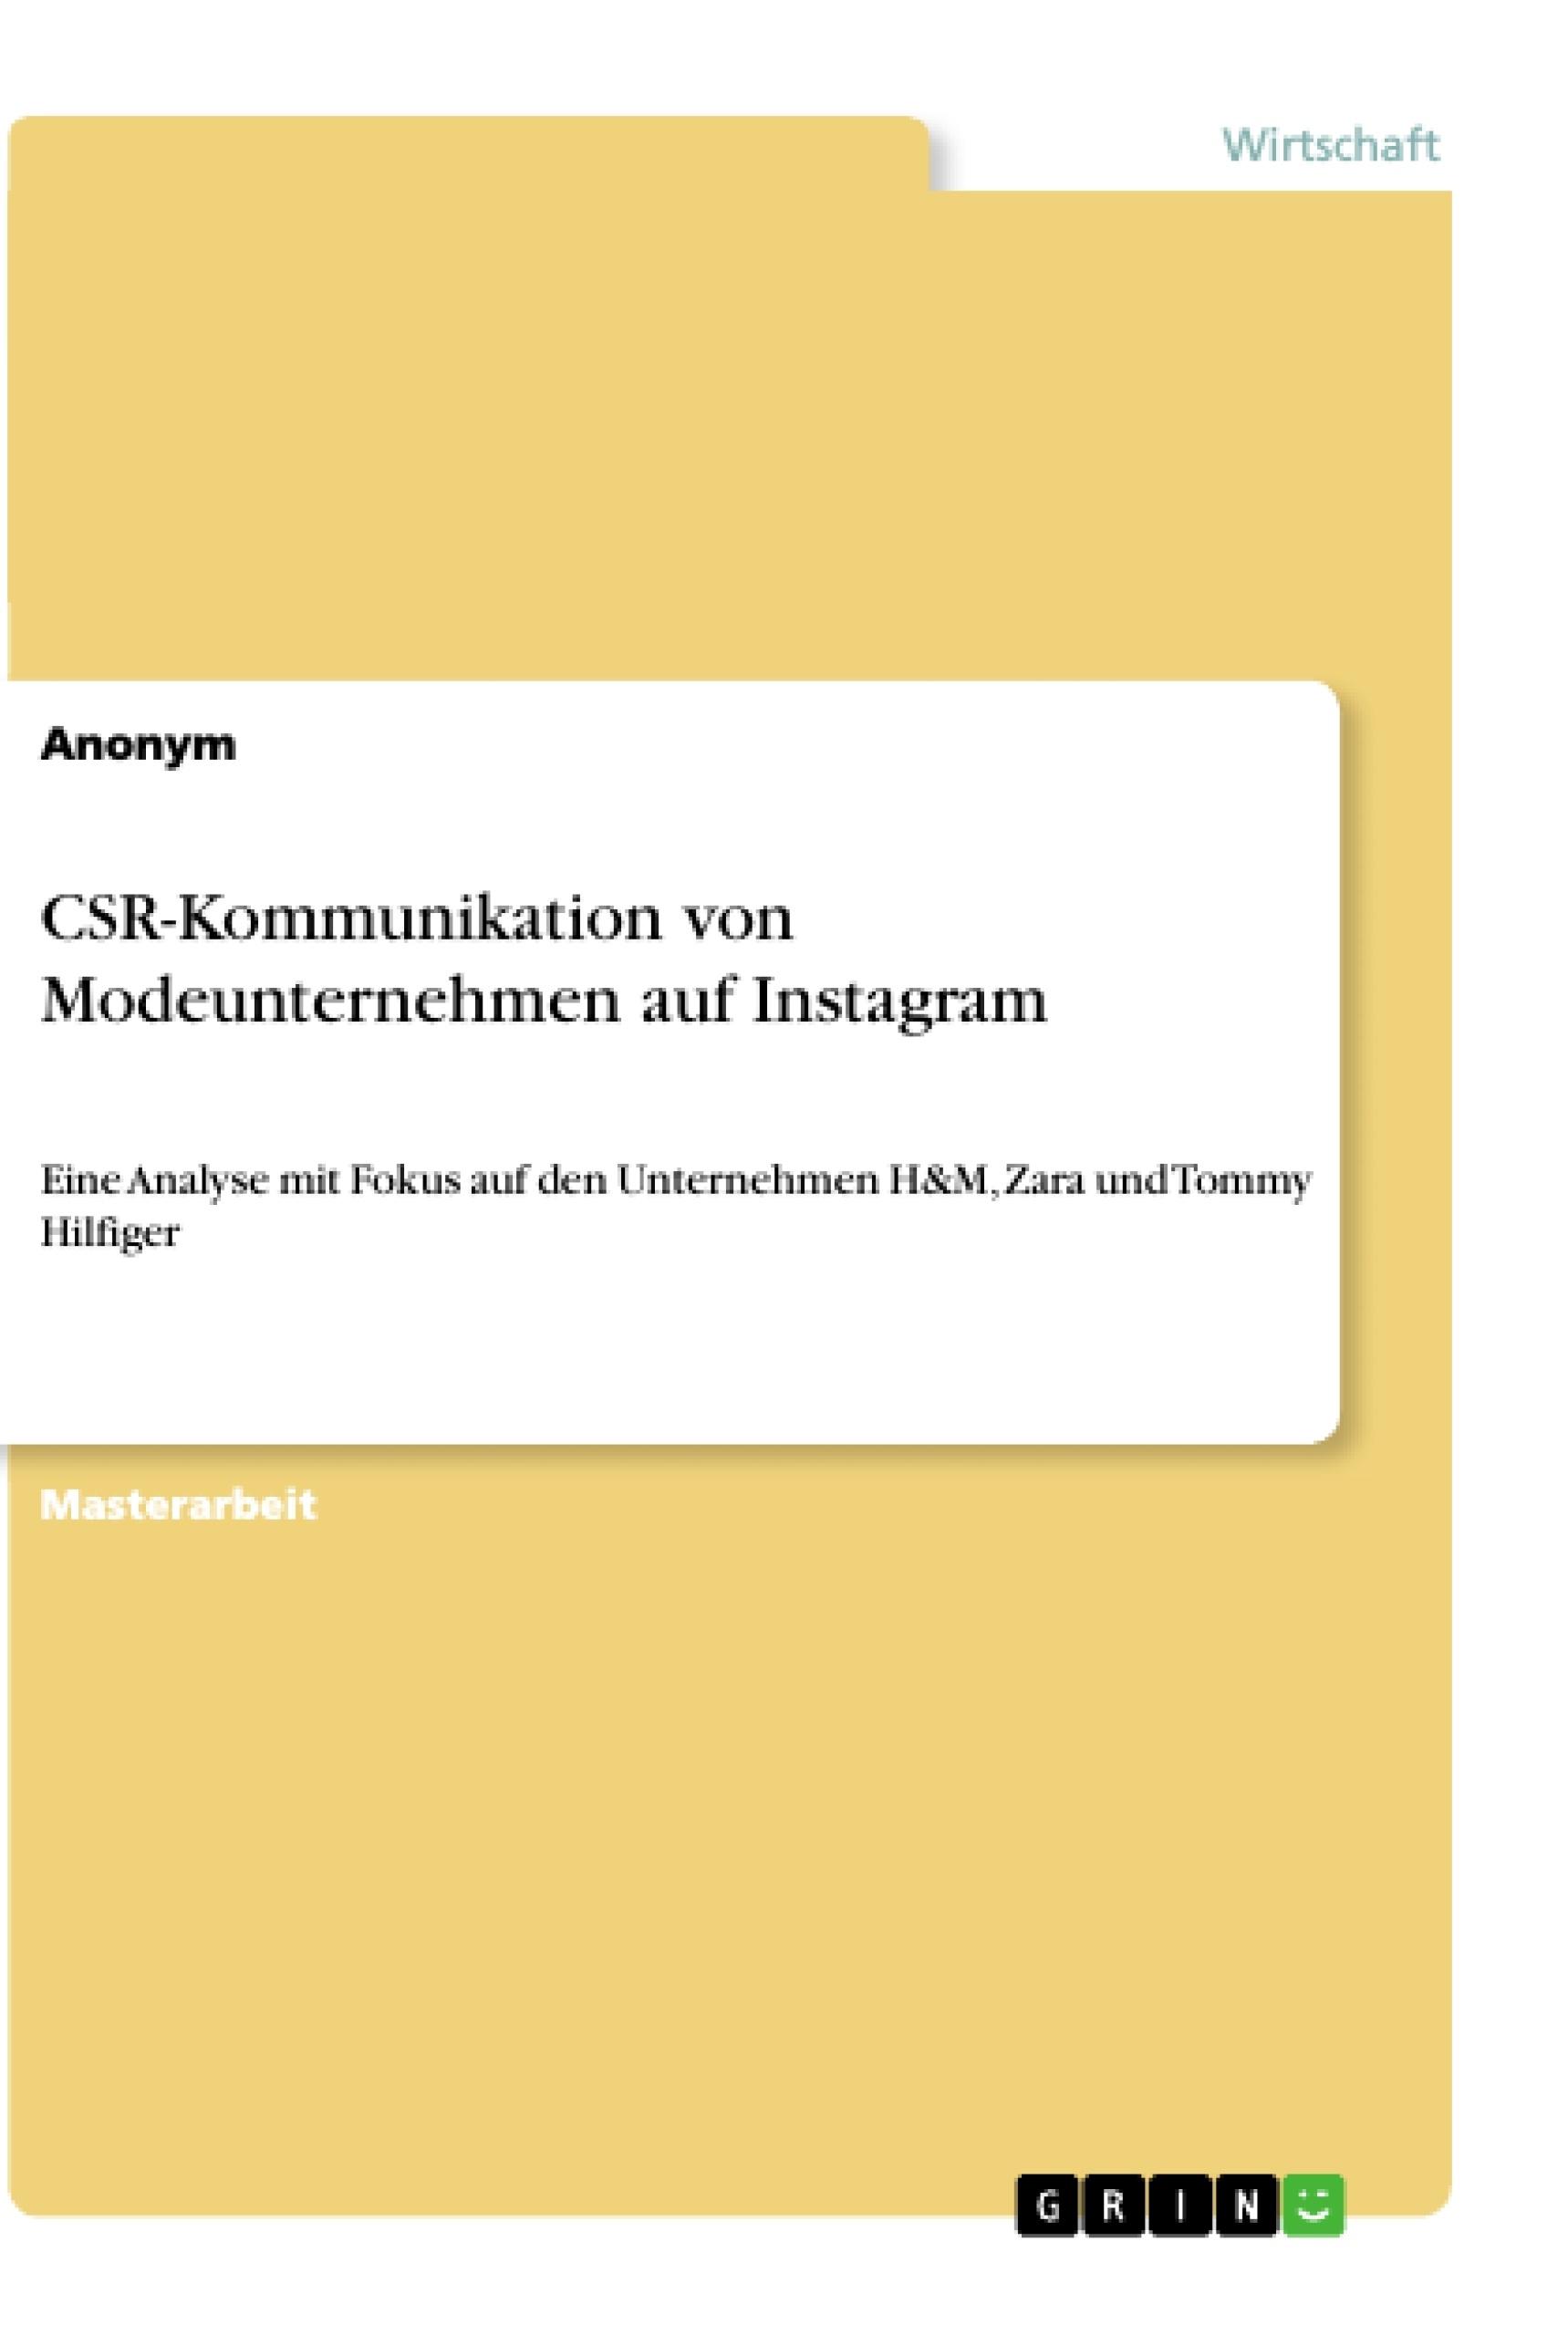 Titel: CSR-Kommunikation von Modeunternehmen auf Instagram